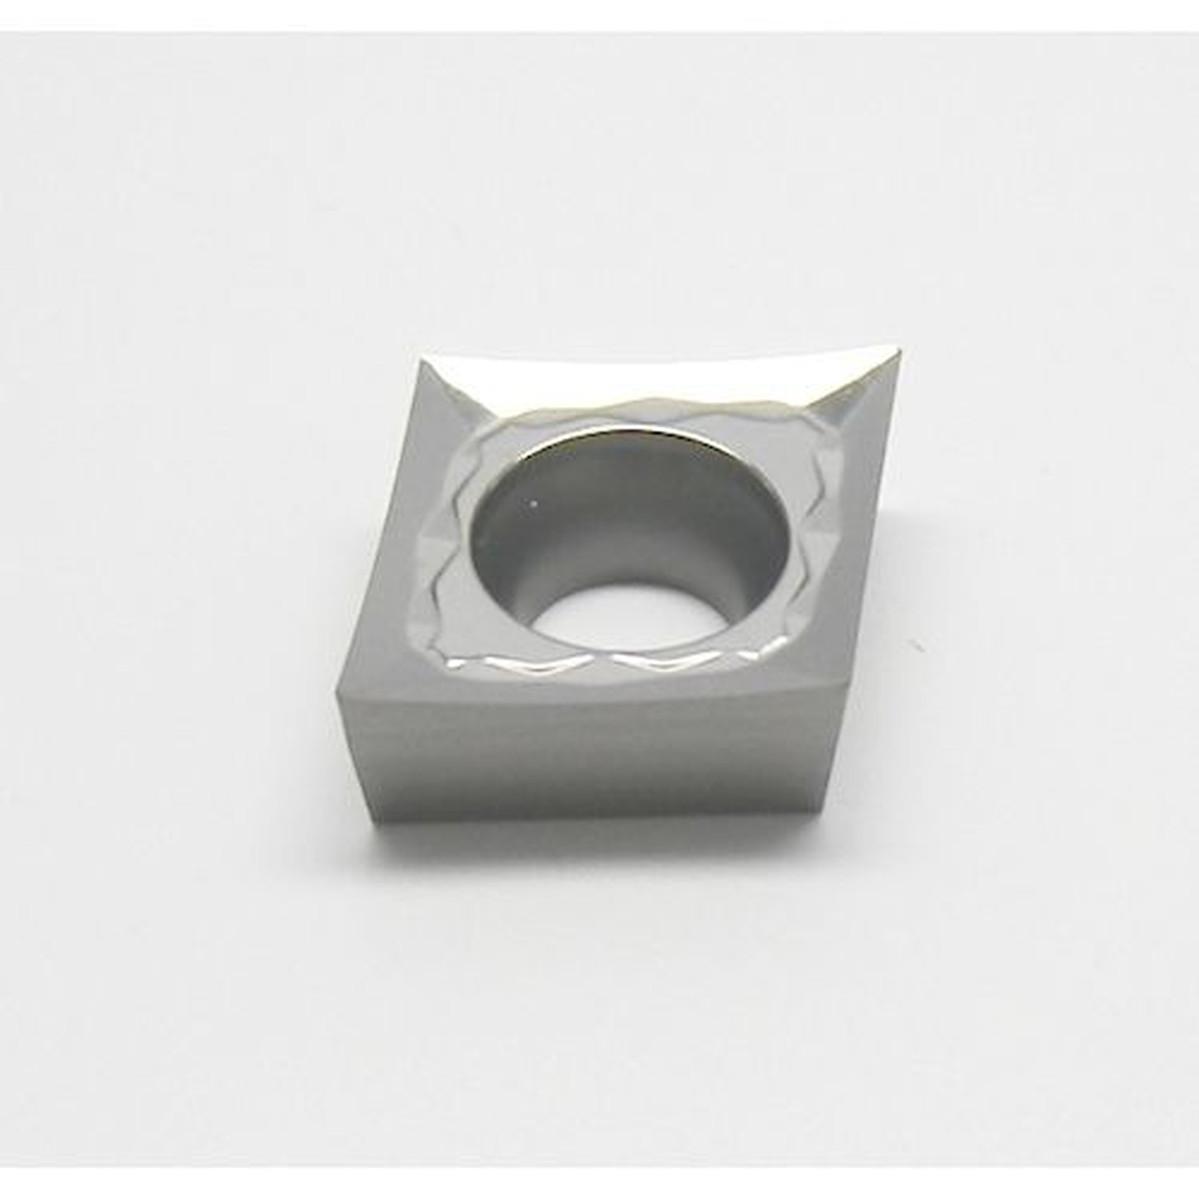 あす楽対応 DIY用品 イスカル IC520 当店は最高な サービスを提供します ISO旋削 10個 即納送料無料